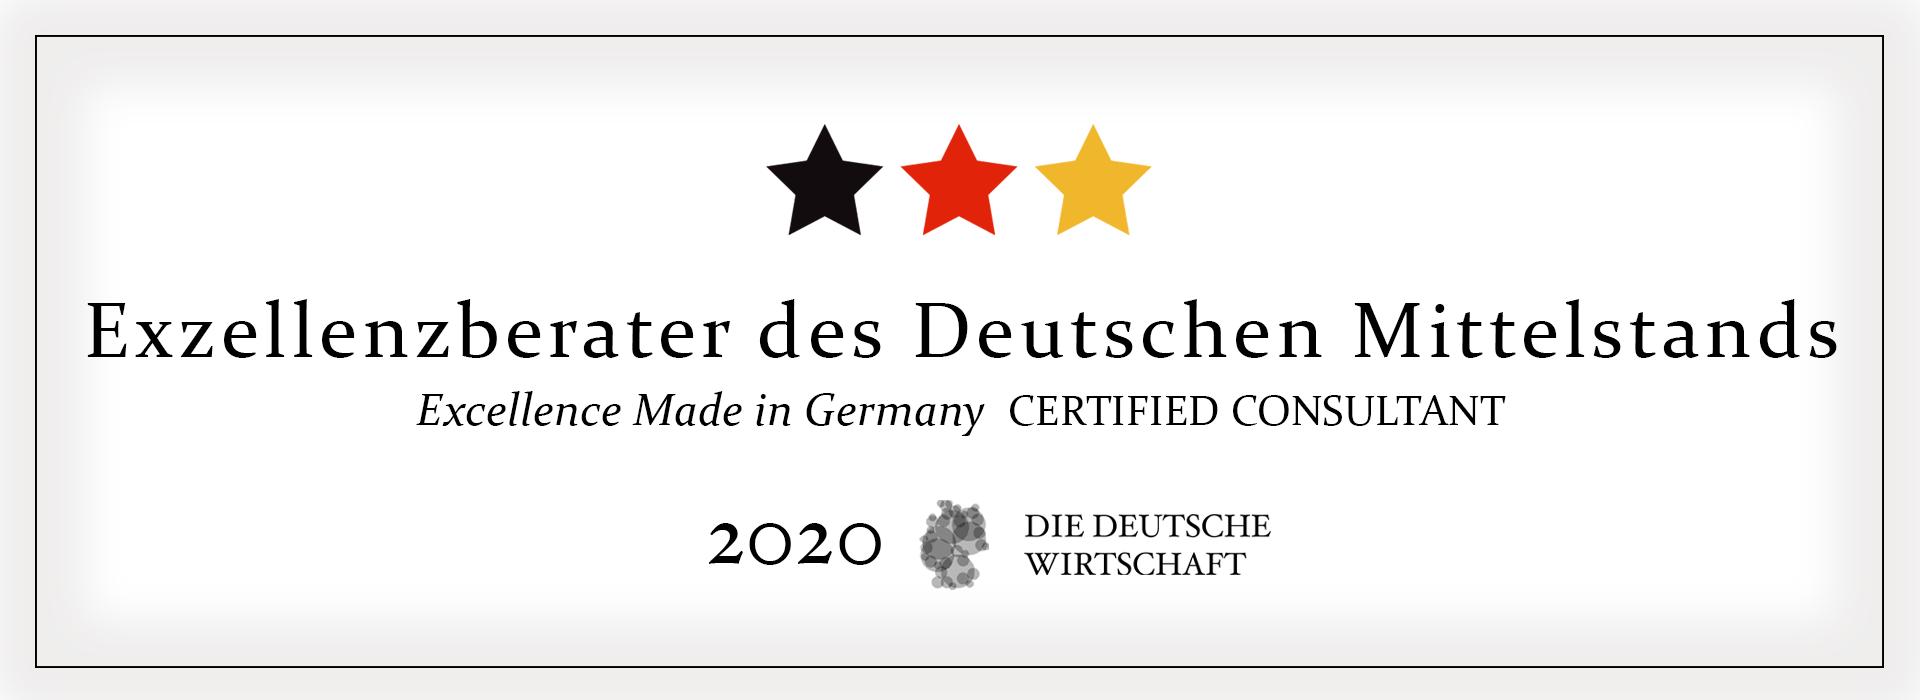 Exzellenz im deutschen Mittelstand